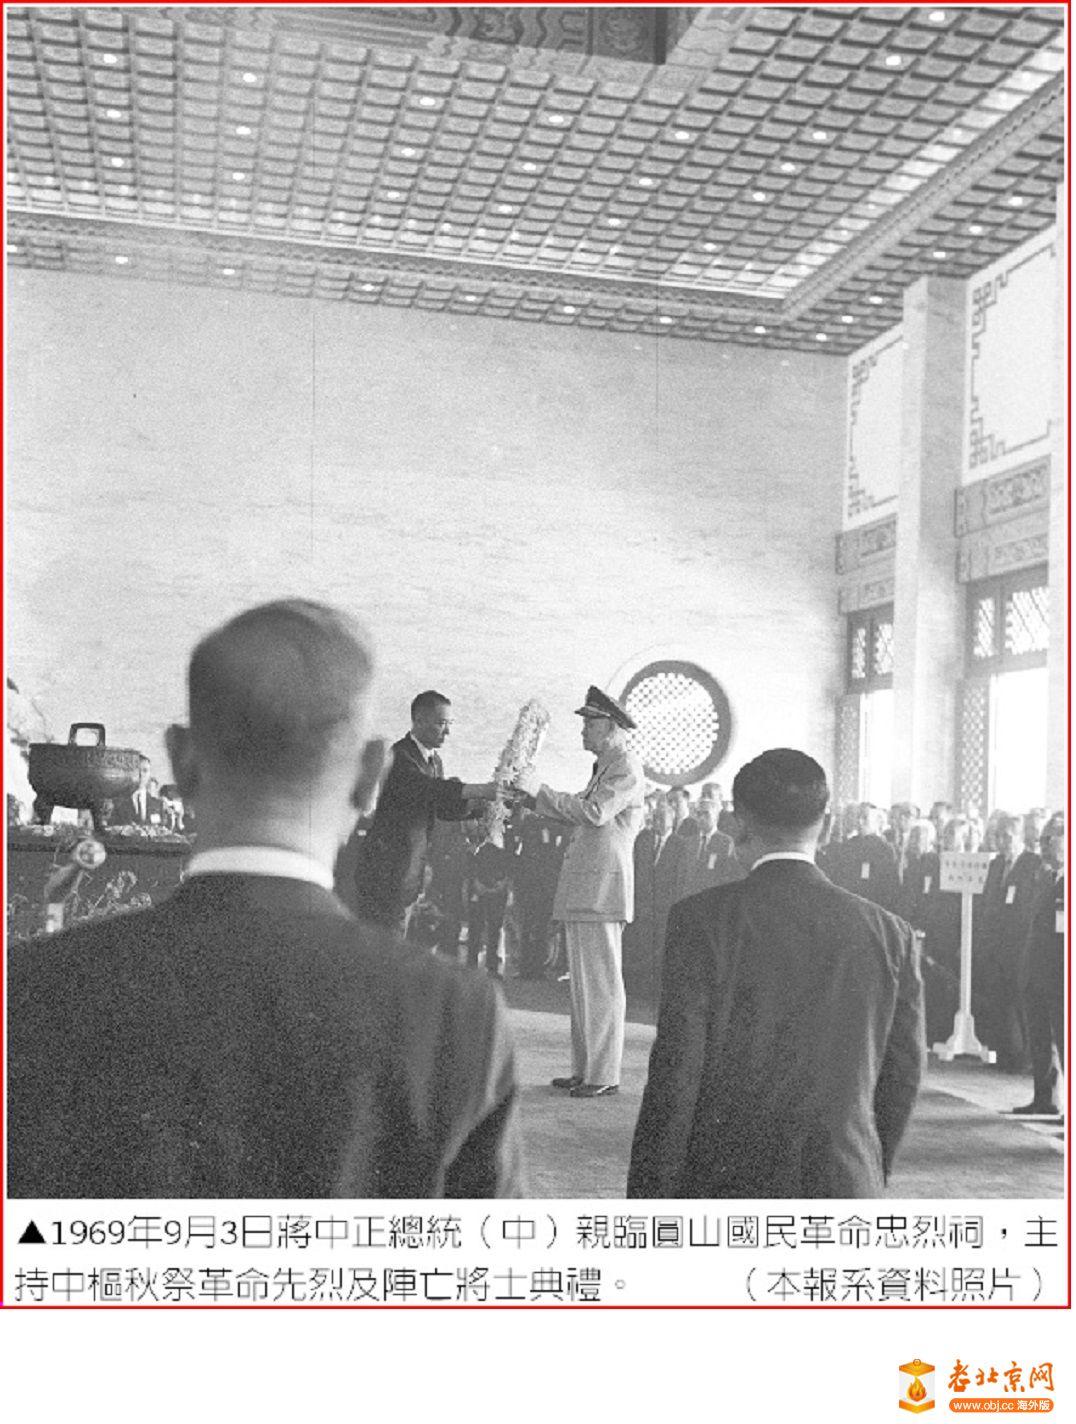 正义复位 记重庆汪山空军英烈  国殇圣域建忠烈祠(之六)